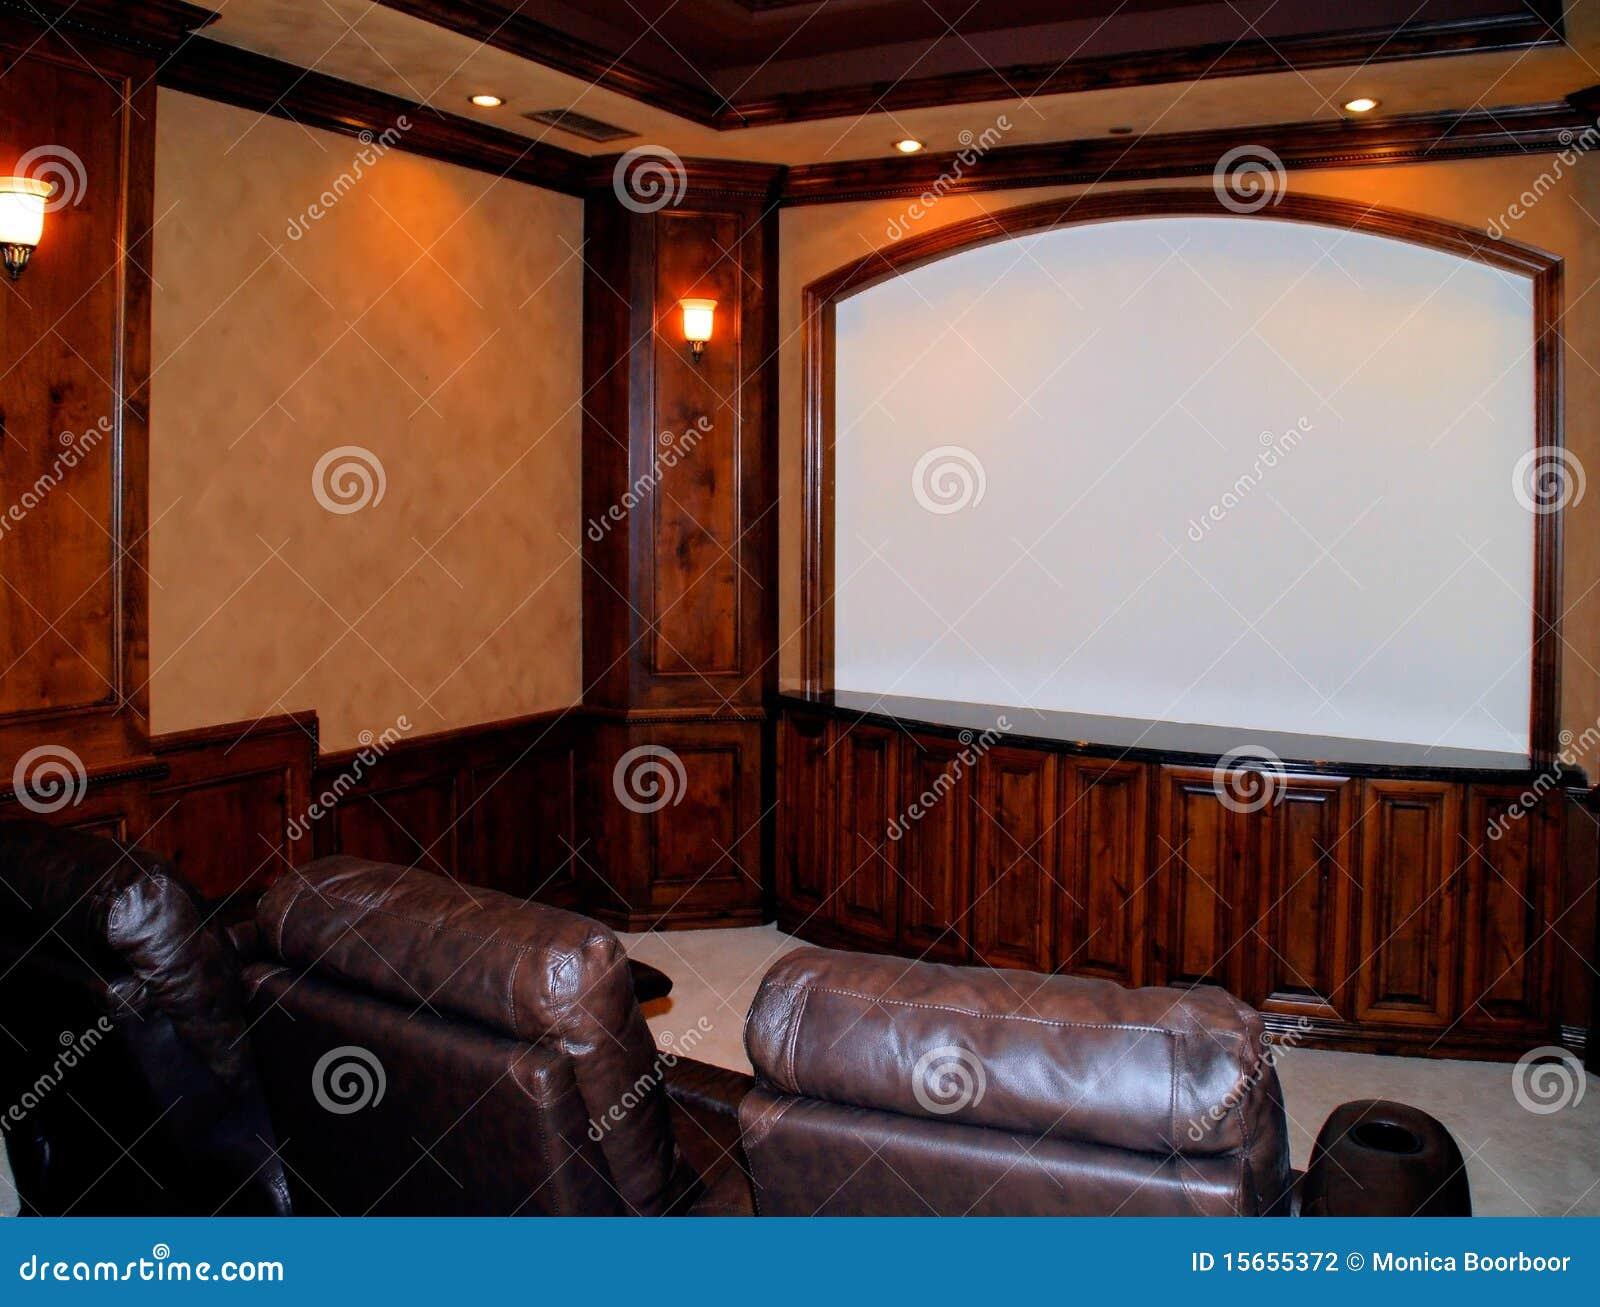 Salle De Cinema A La Maison Photo Stock Image Du Prive Films